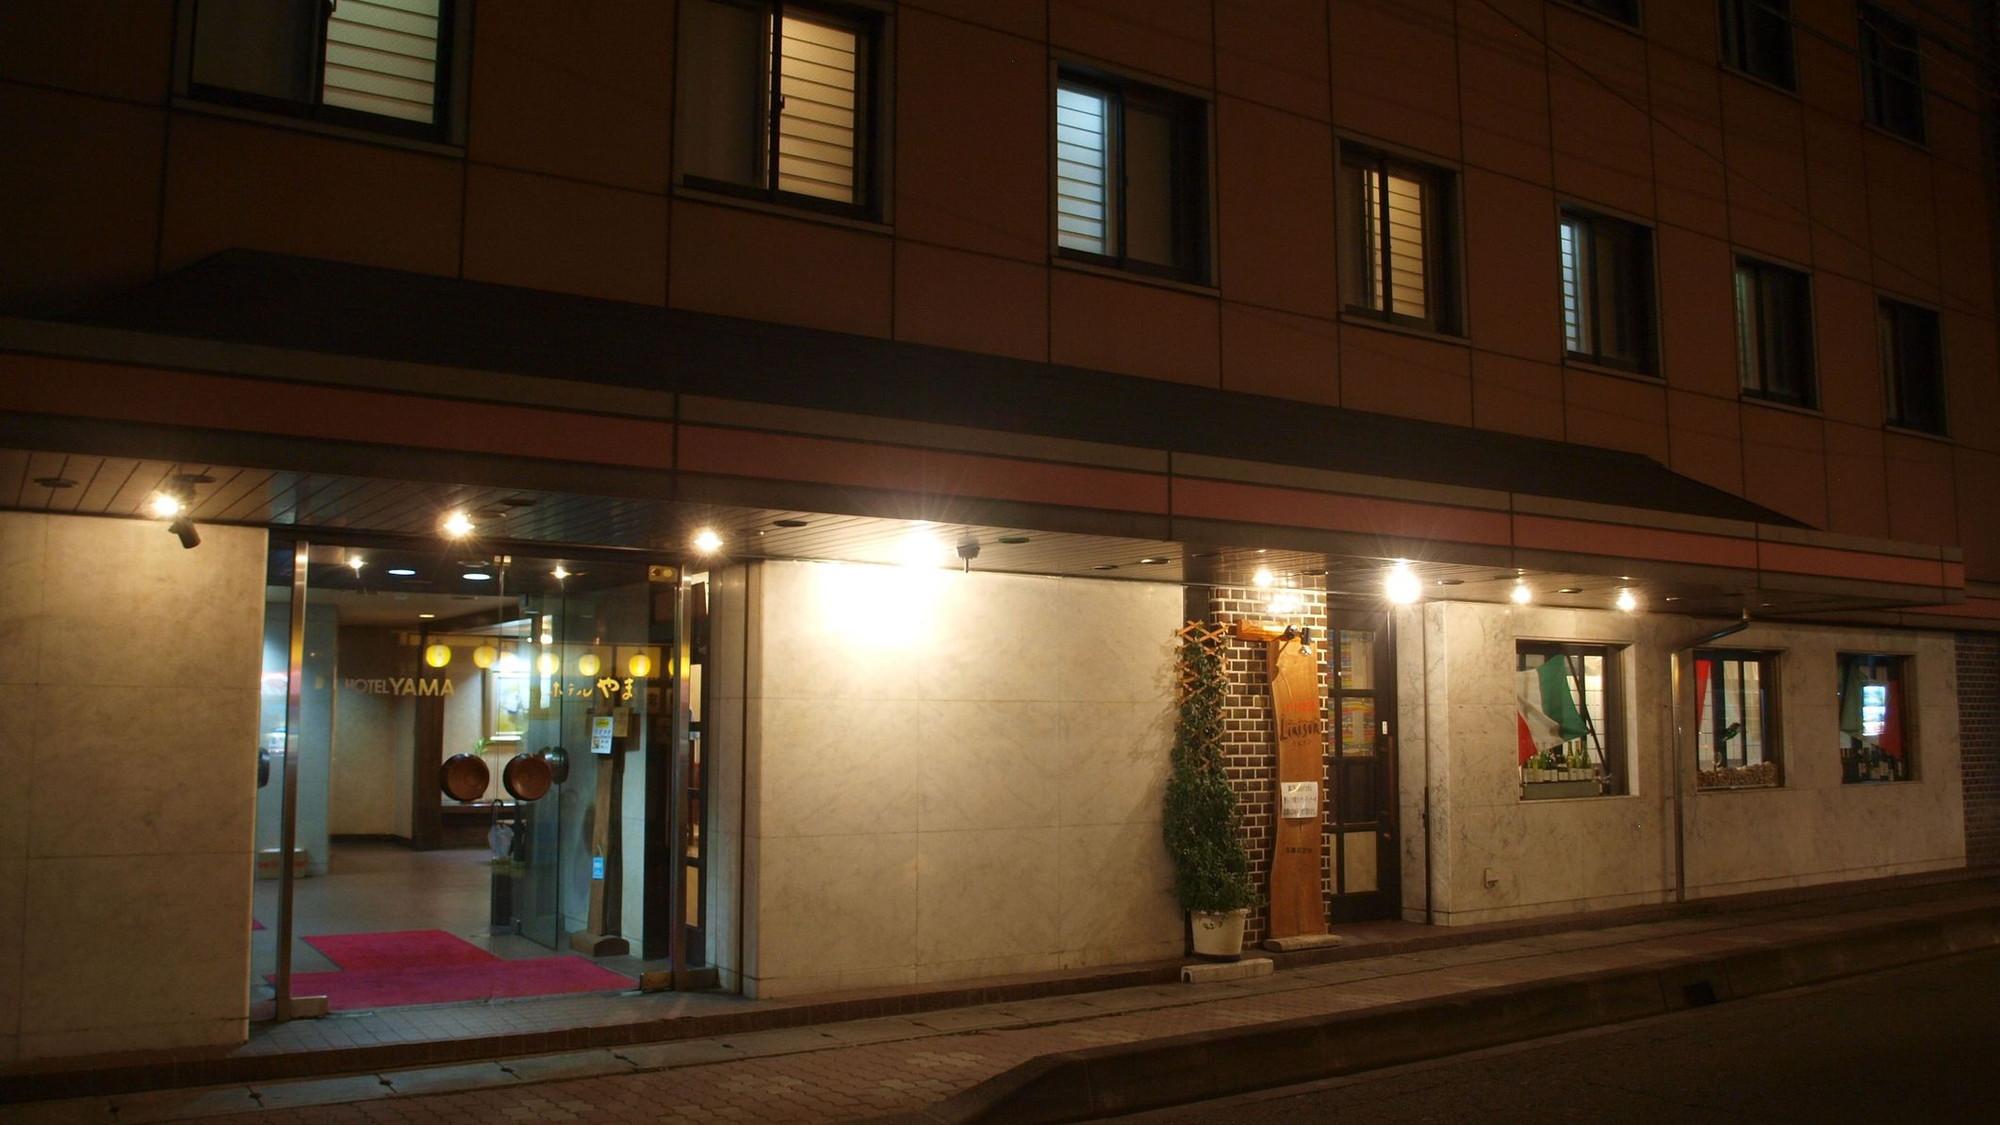 ホテル やま!! 善光寺に一番近いホテル